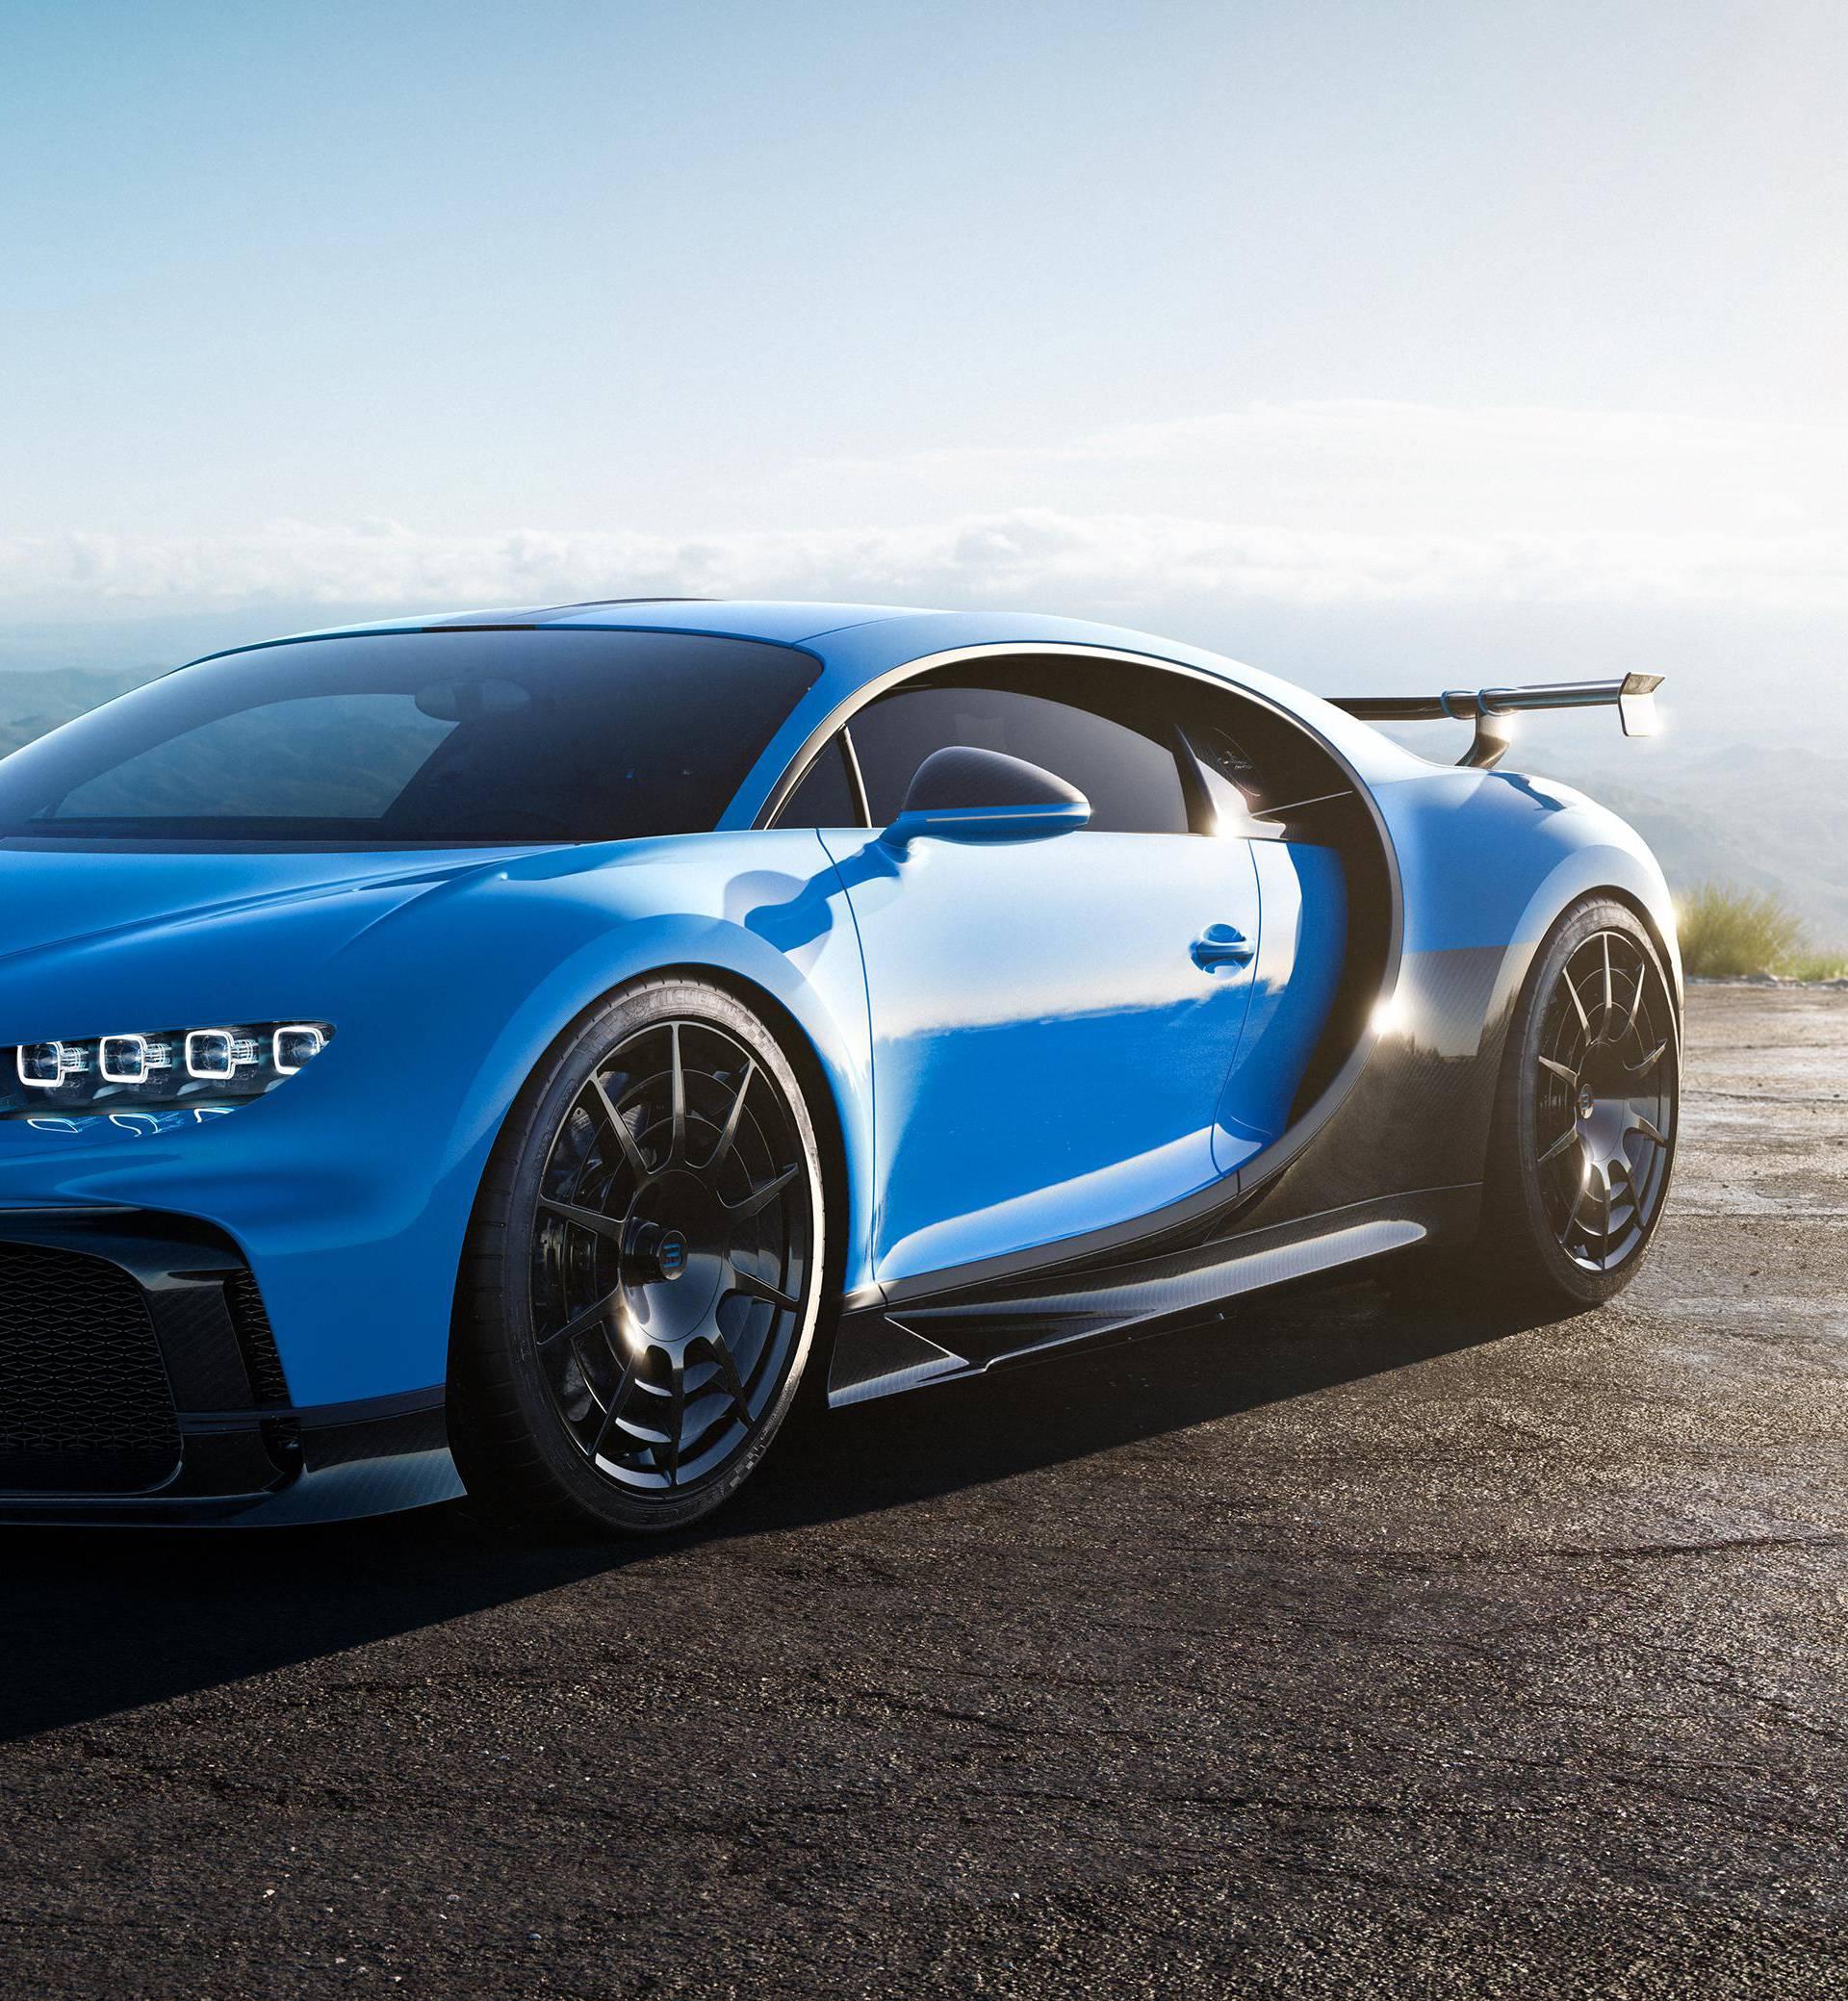 Luksuz u doba korone, novi Bugatti za 33 milijuna kuna